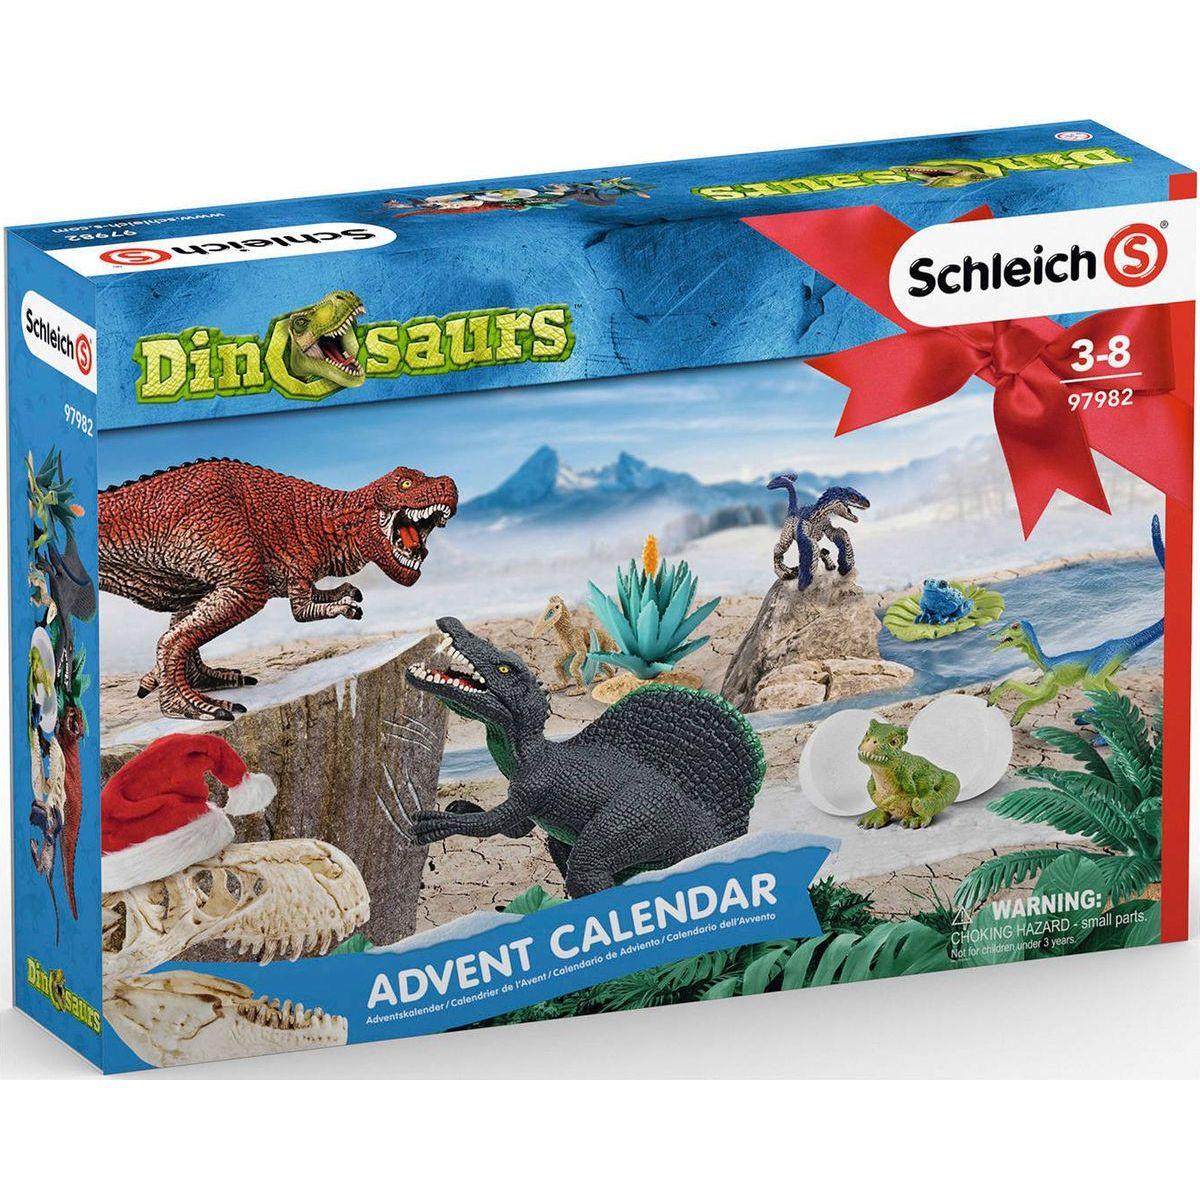 Schleich 97982 Adventní kalendář 2019 - Dinosauři